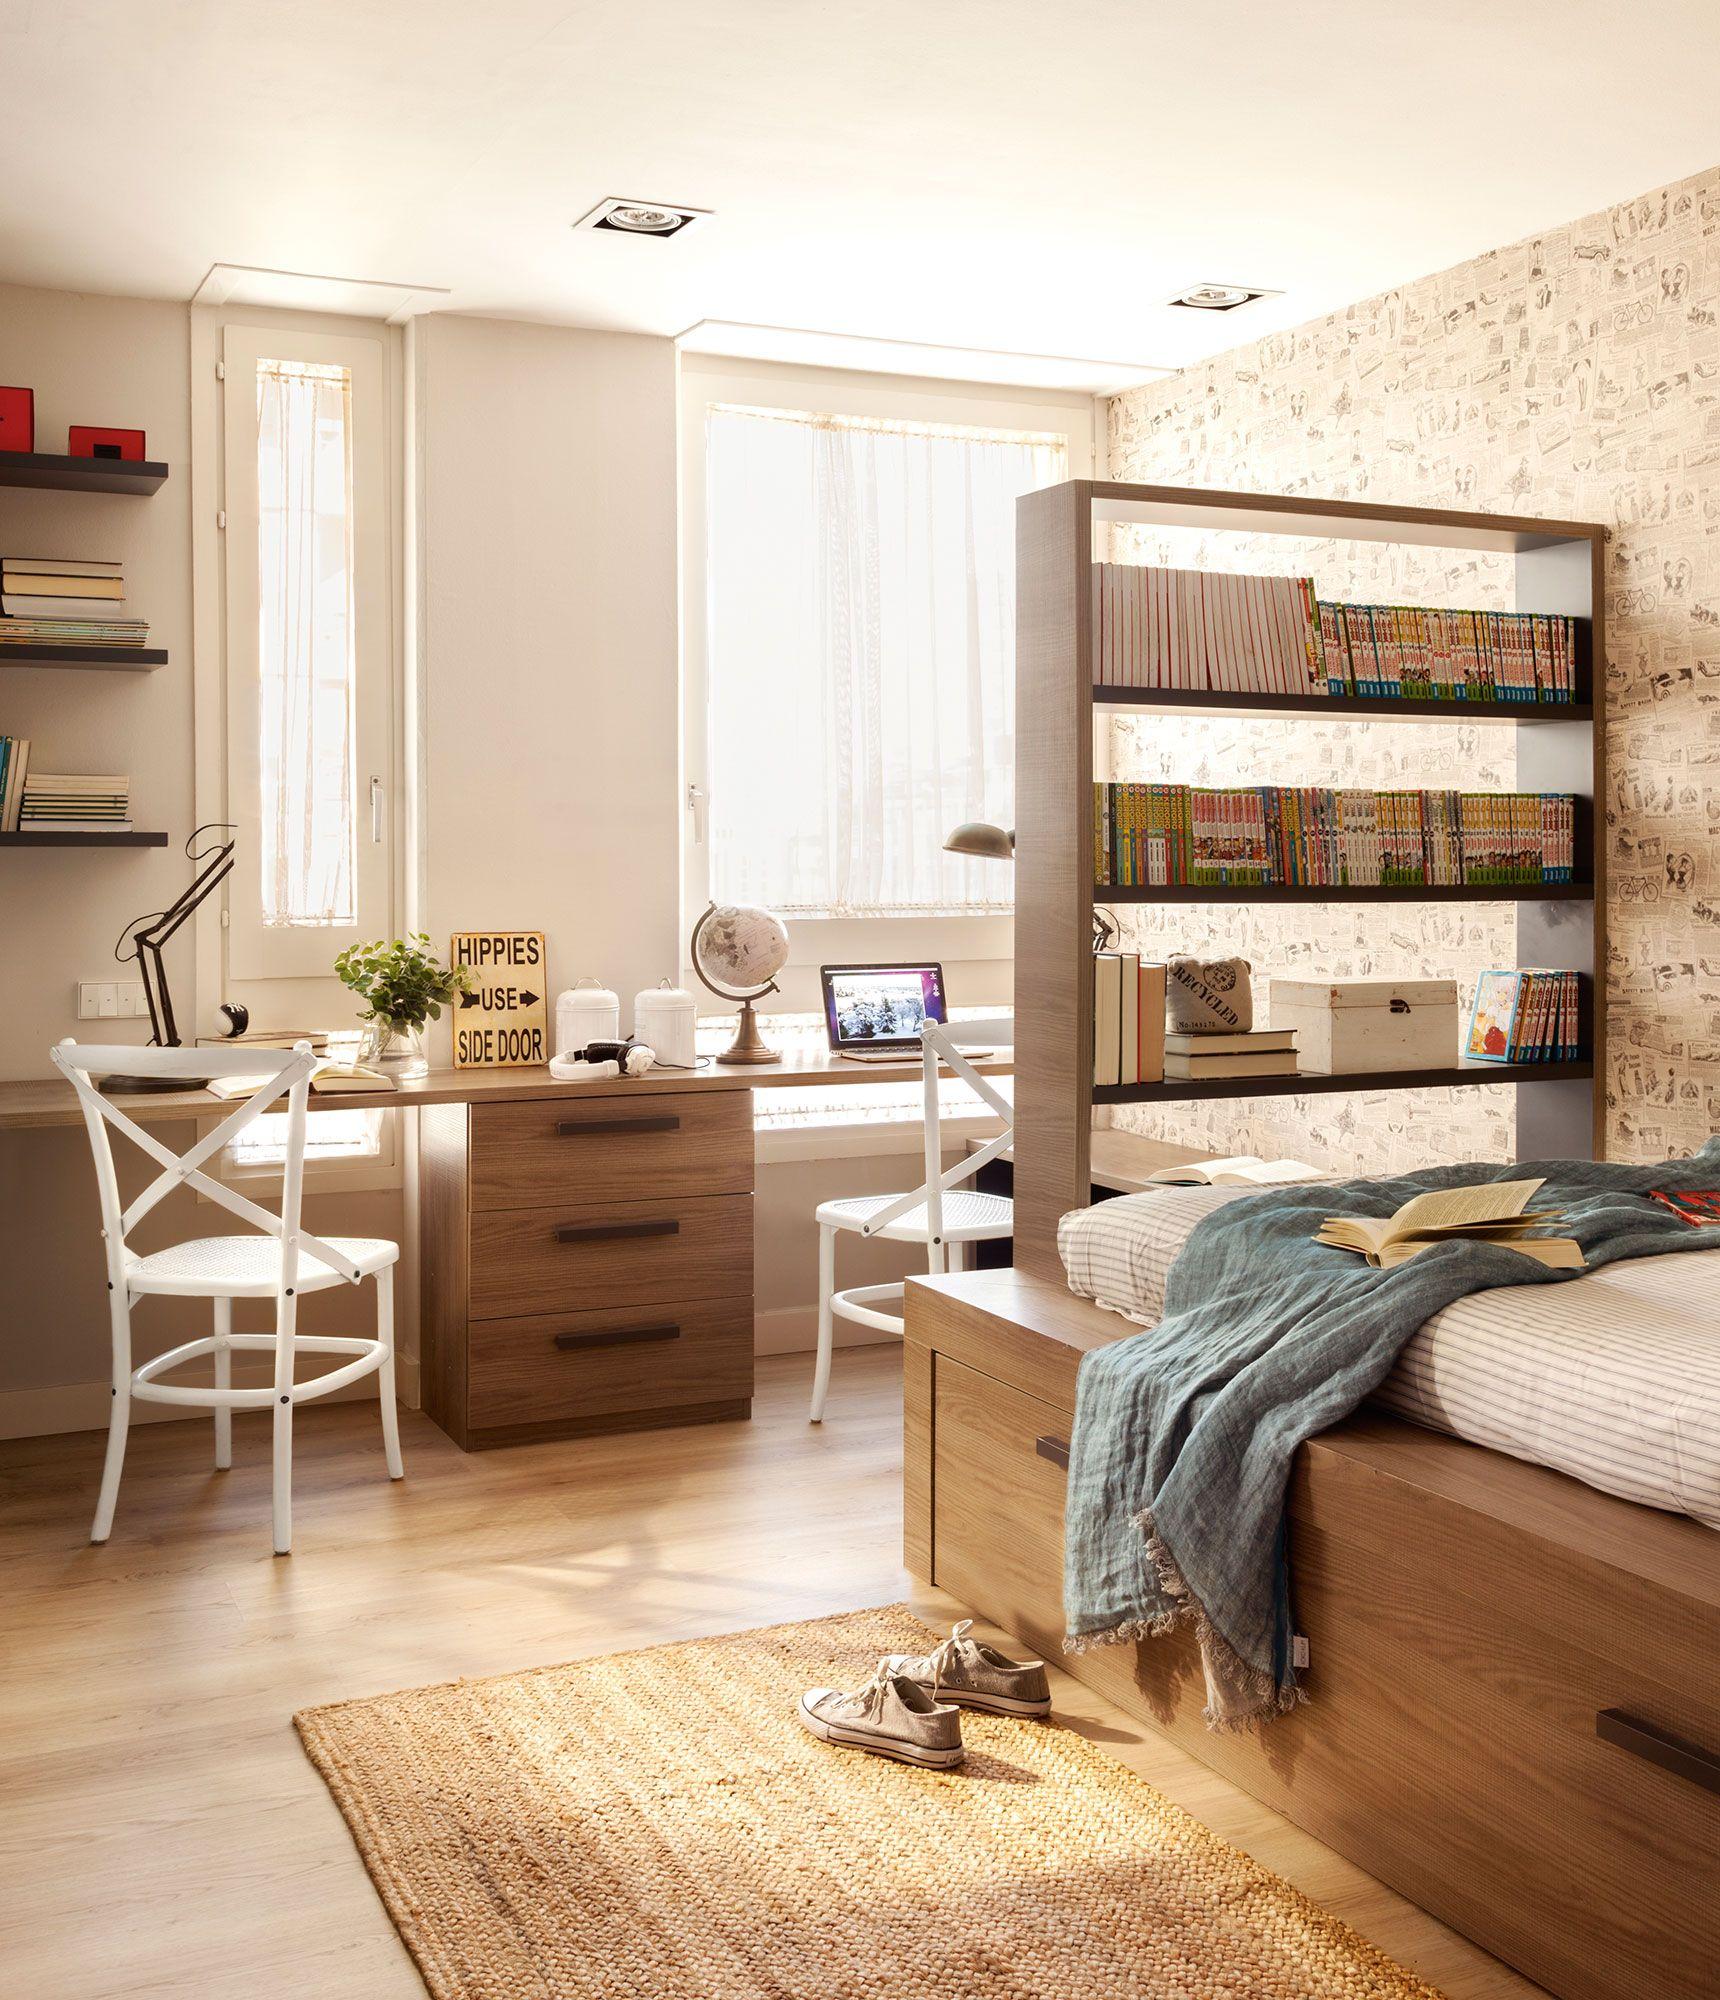 Dormitorio Juvenil Con Cama Con Y Escritorio Doble Separado Por  ~ Habitaciones Dobles Para  Ninos